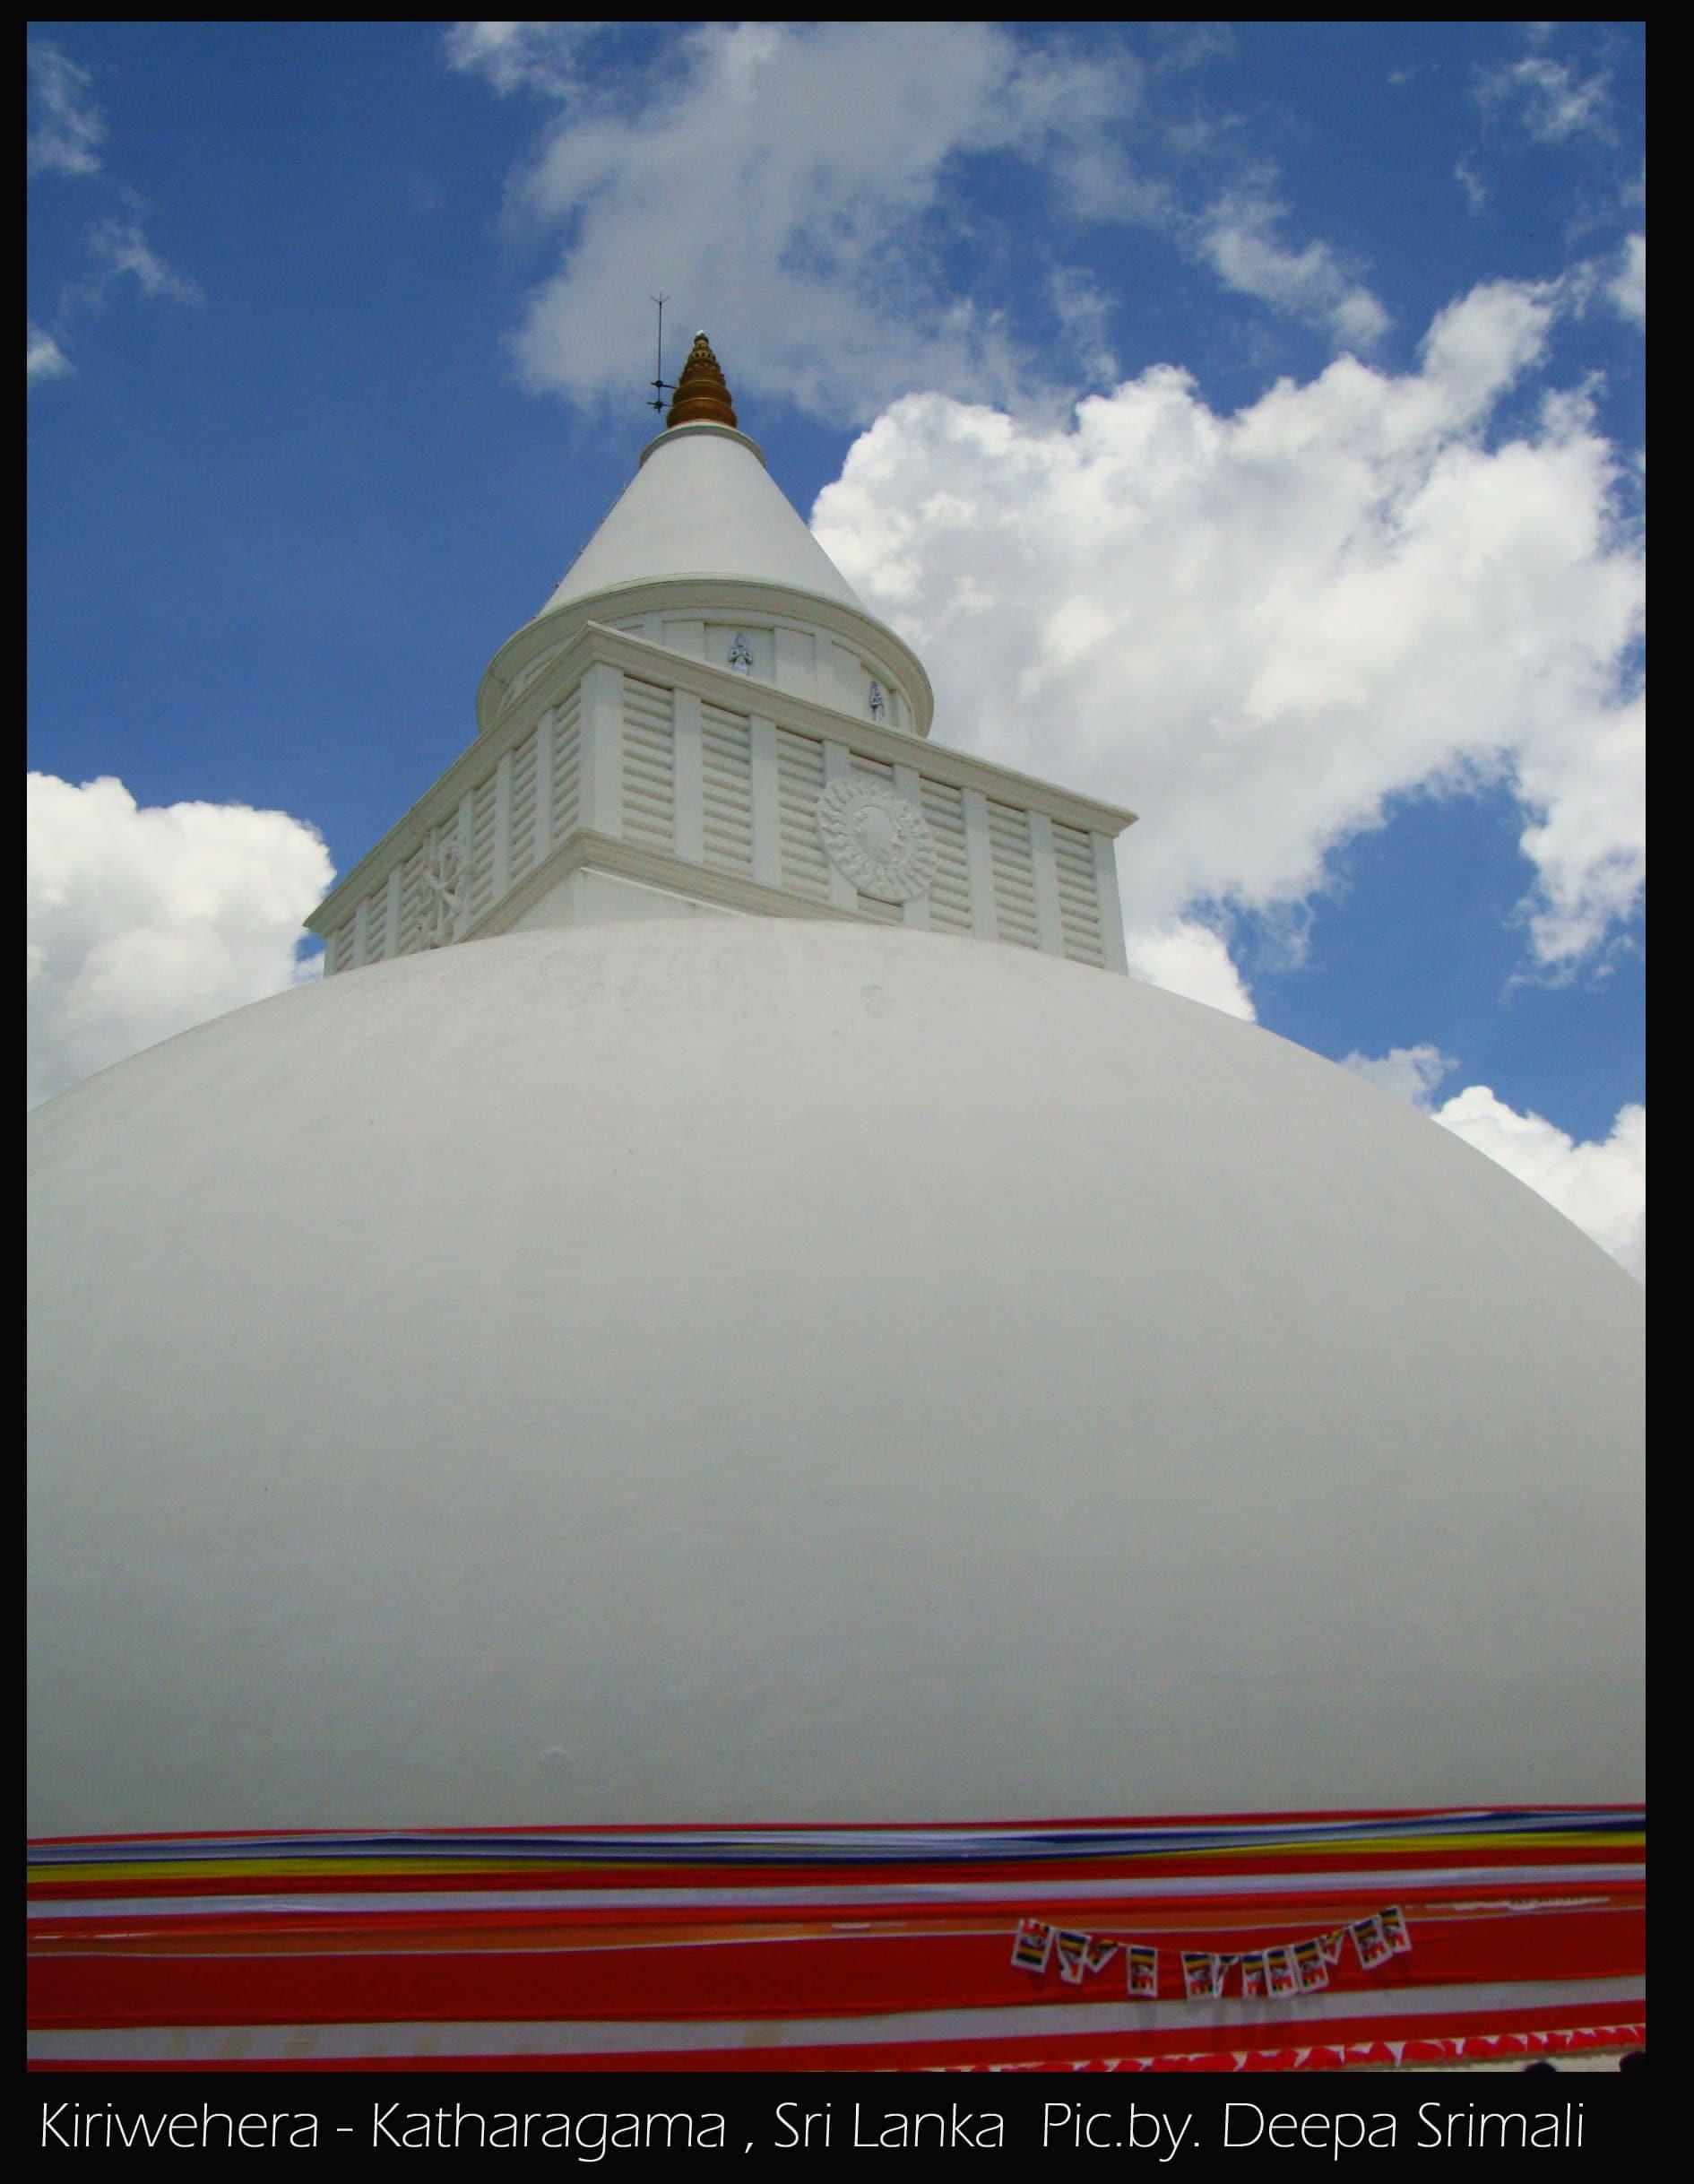 Sri Lanka tourist spots, Kataragama